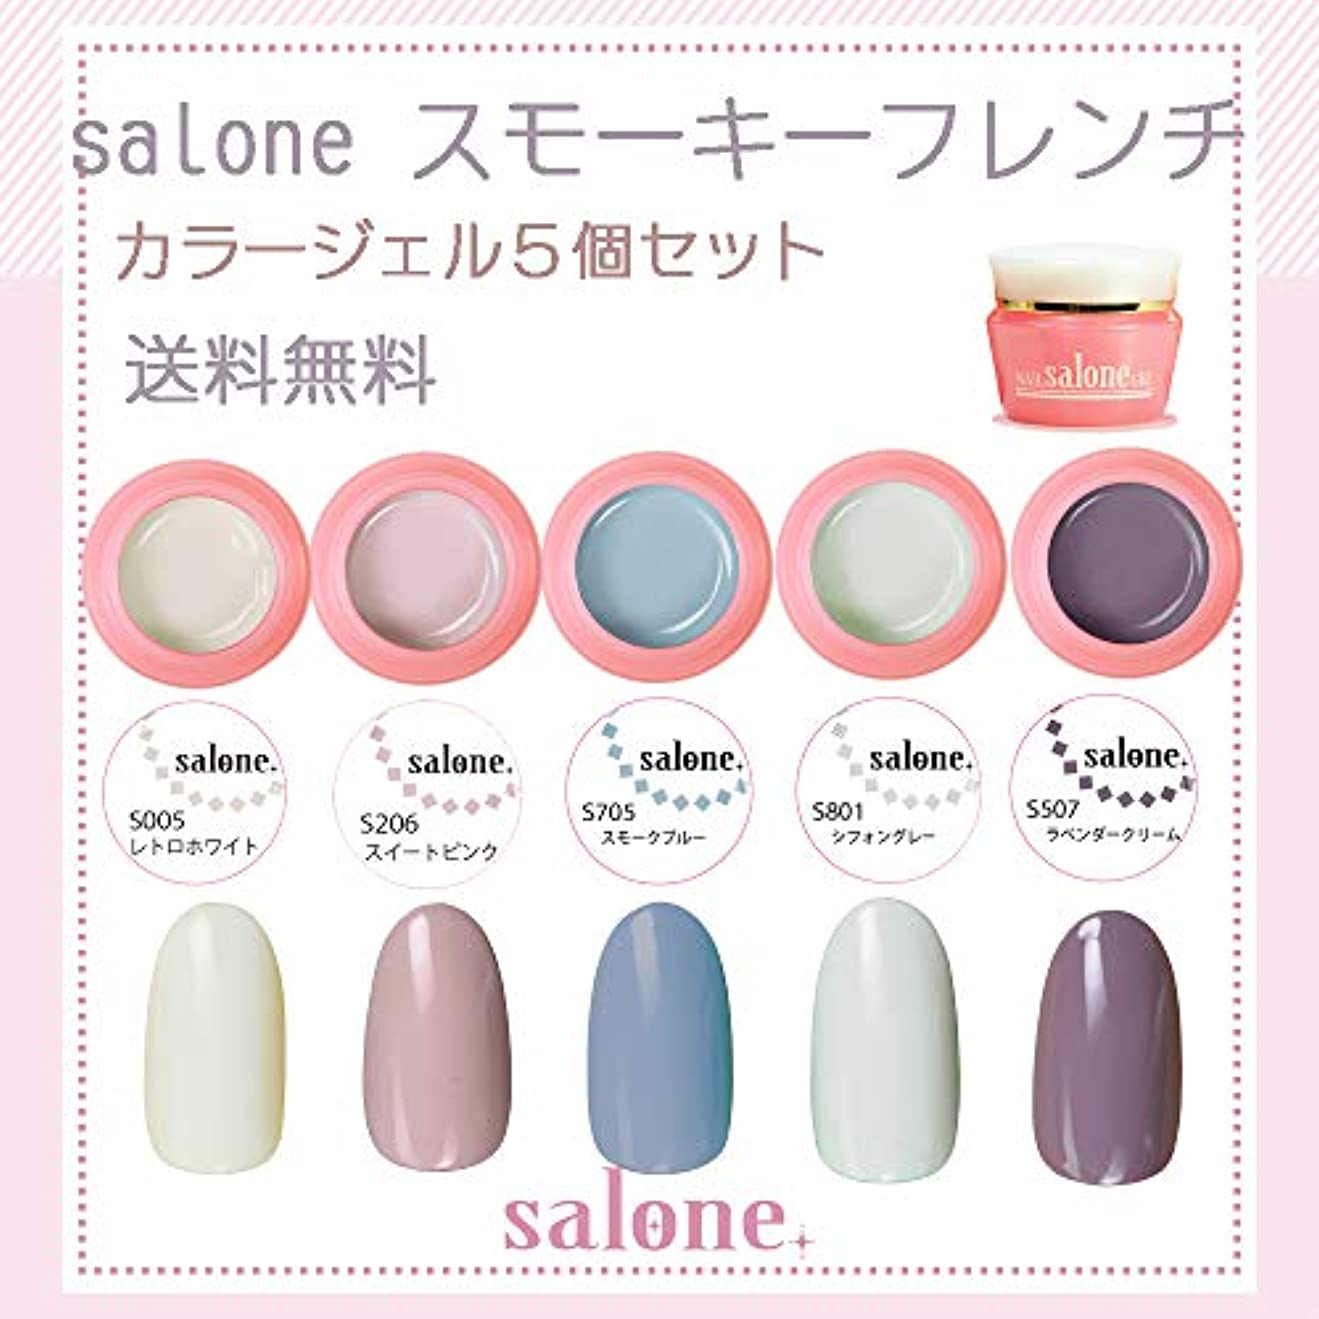 ピアノ試み緊張【送料無料 日本製】Salone スモーキーフレンチカラージェル5個セット スモーキーでくすみ系ネイルにピッタリなカラーをチョイス